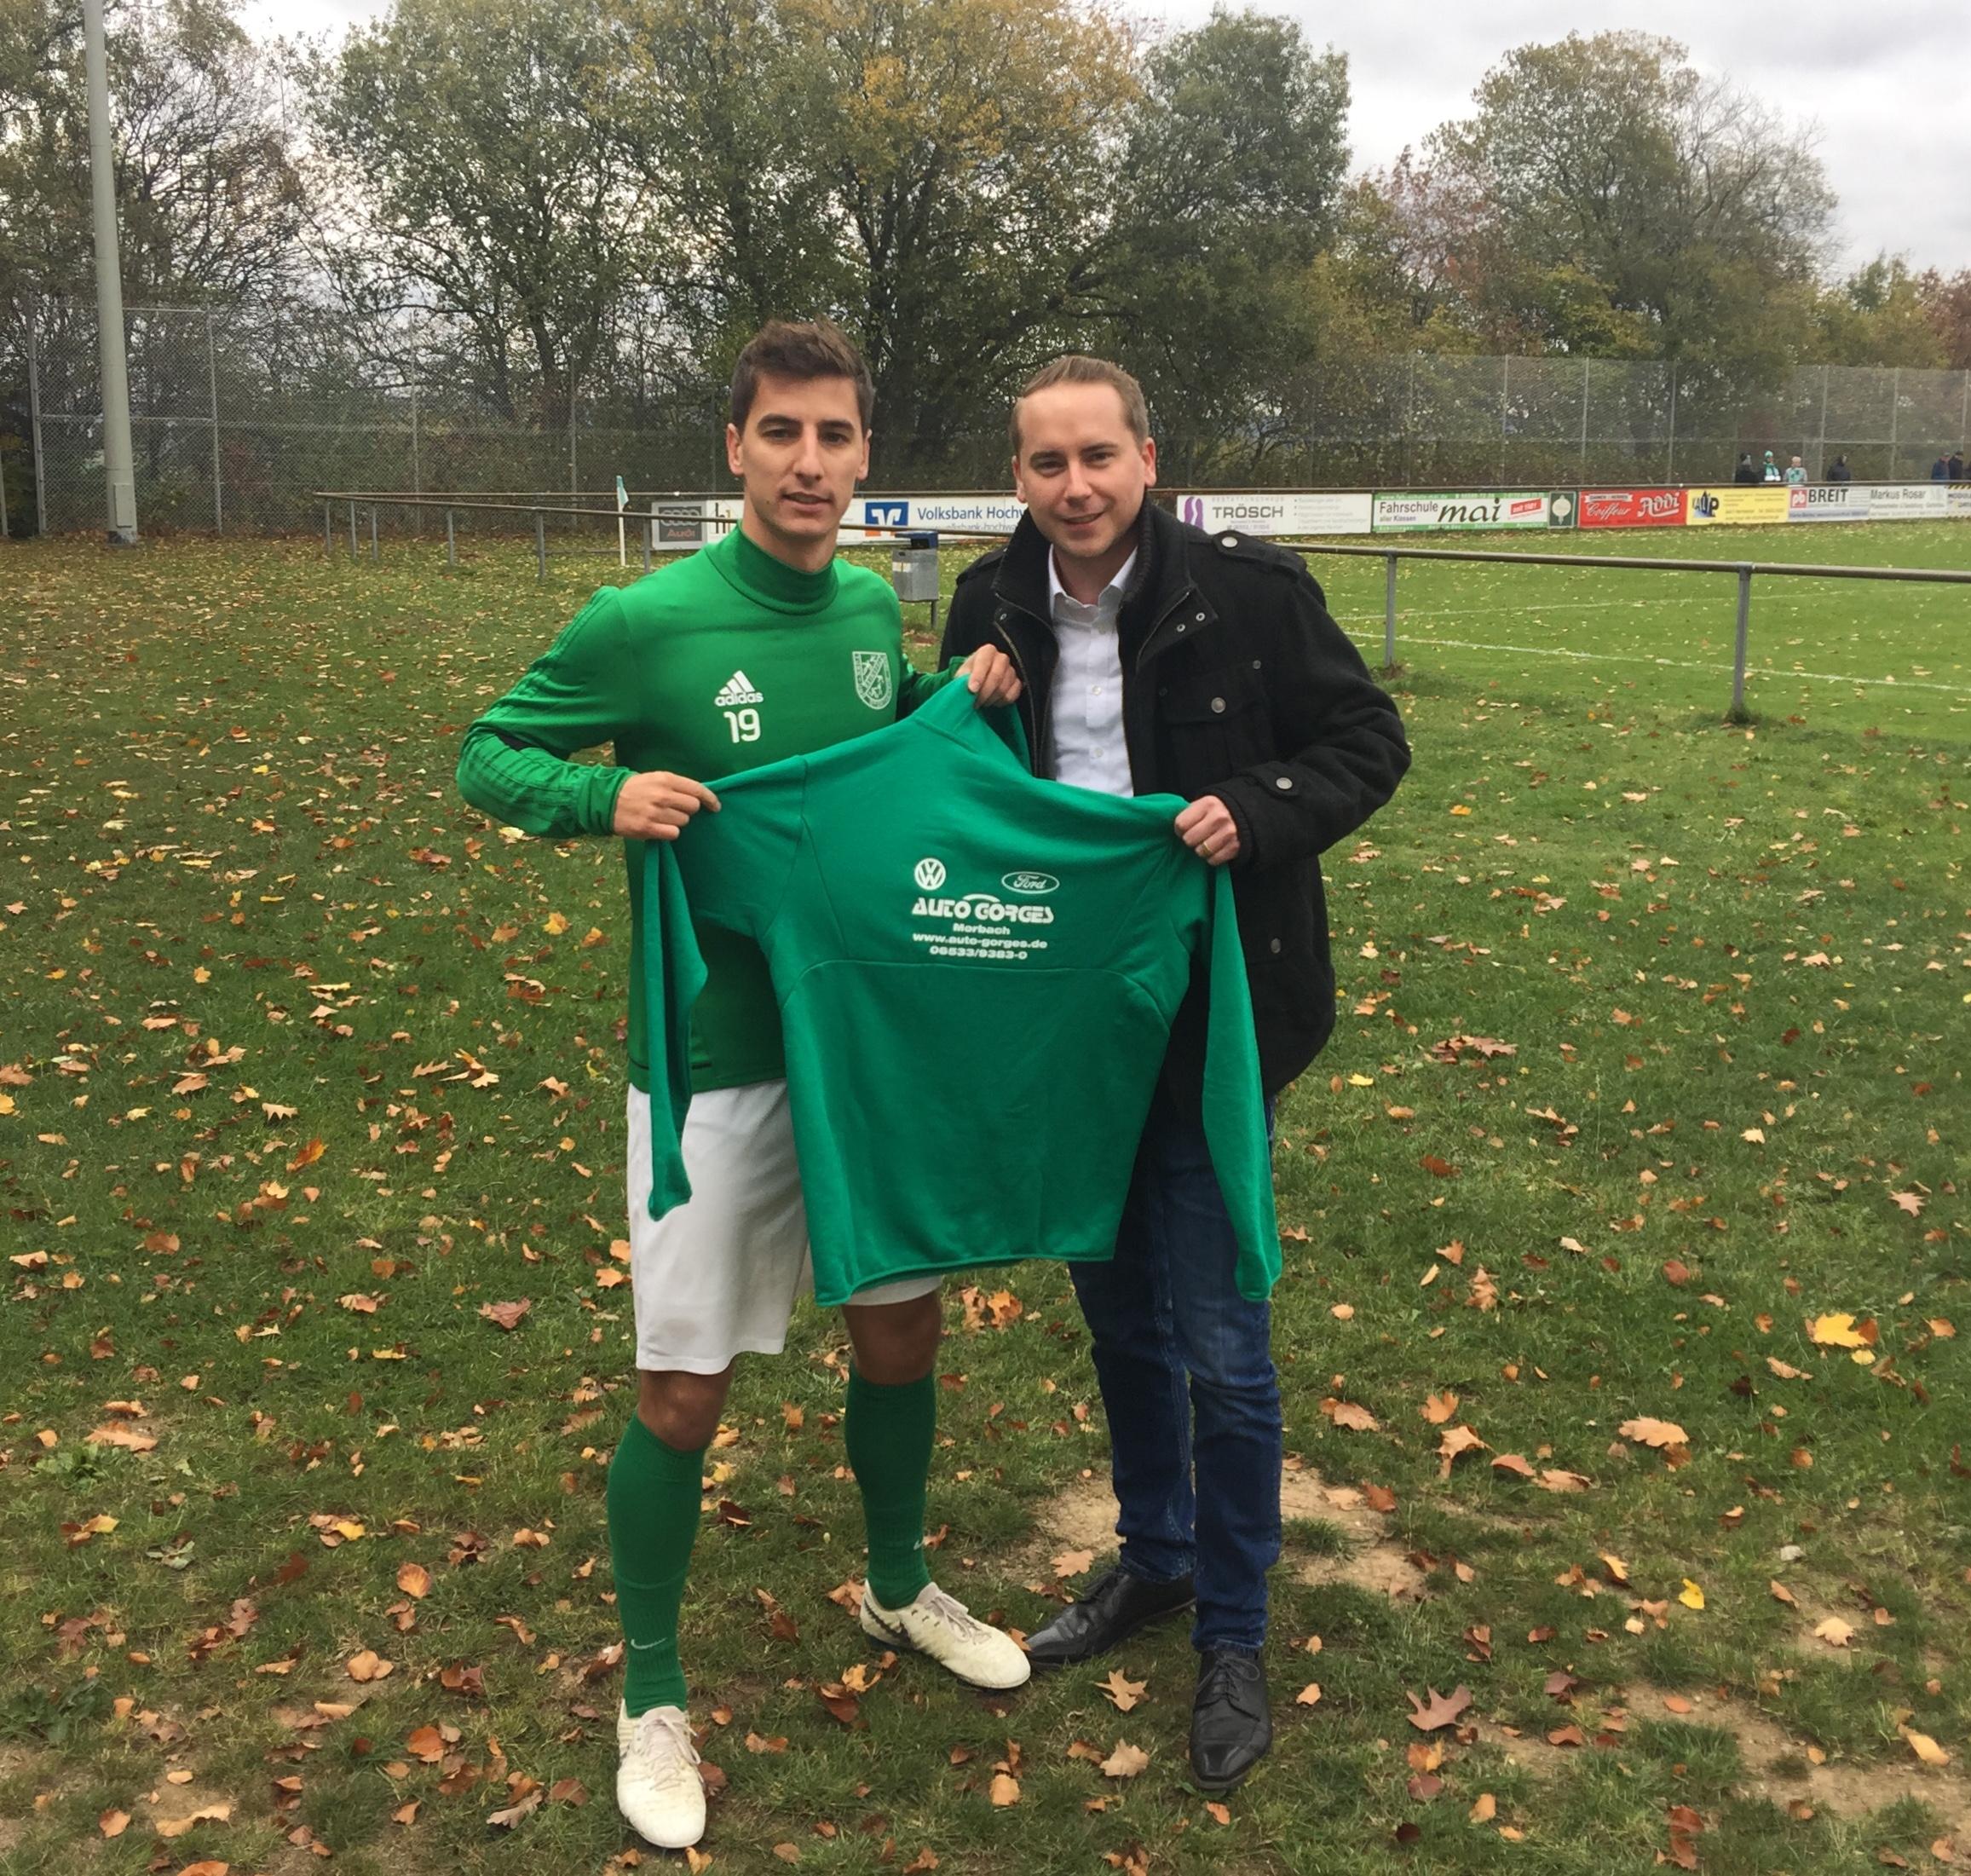 Fabrice Schirra köpft TuS zur Herbstmeisterschaft